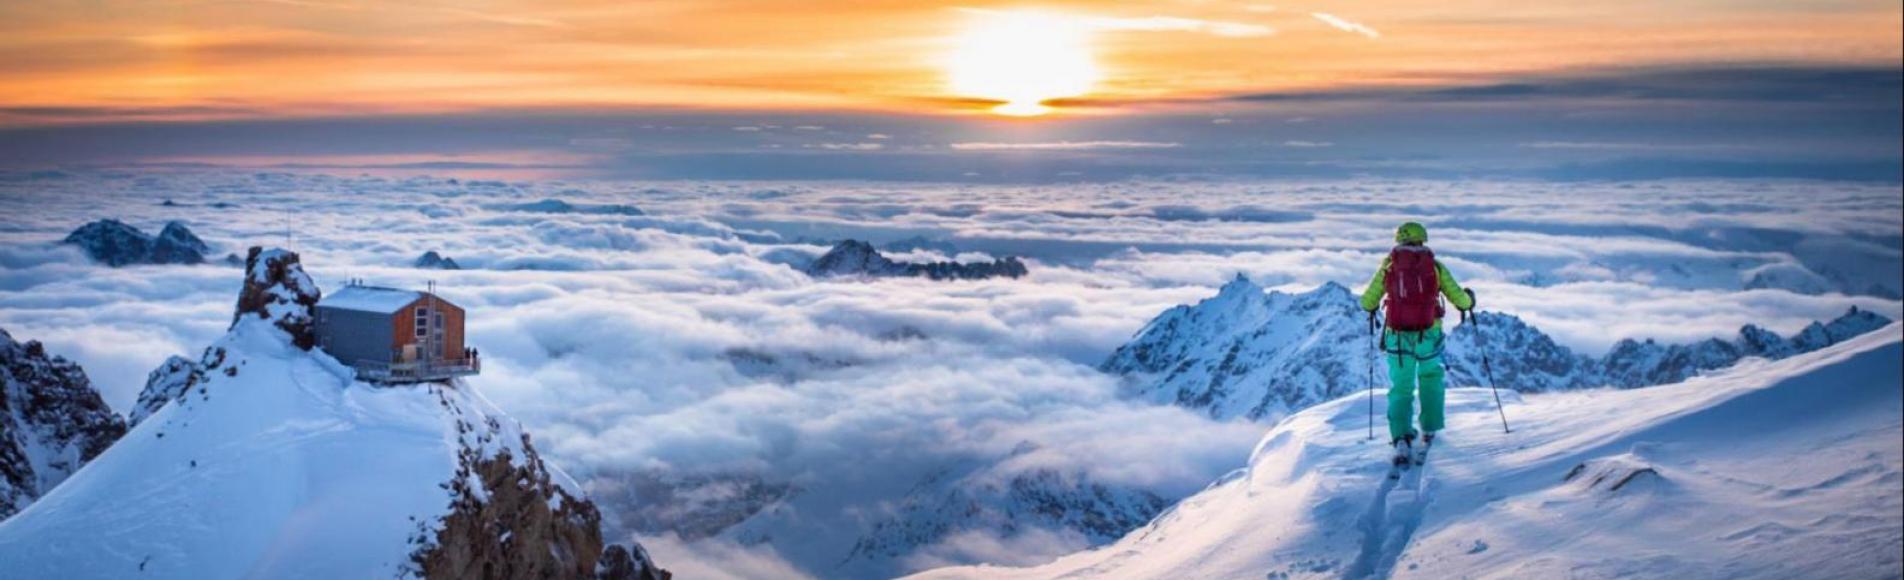 Ski de randonnée haute montagne - Parc national des Ecrins - refuge de l'Aigle - © T.Blais